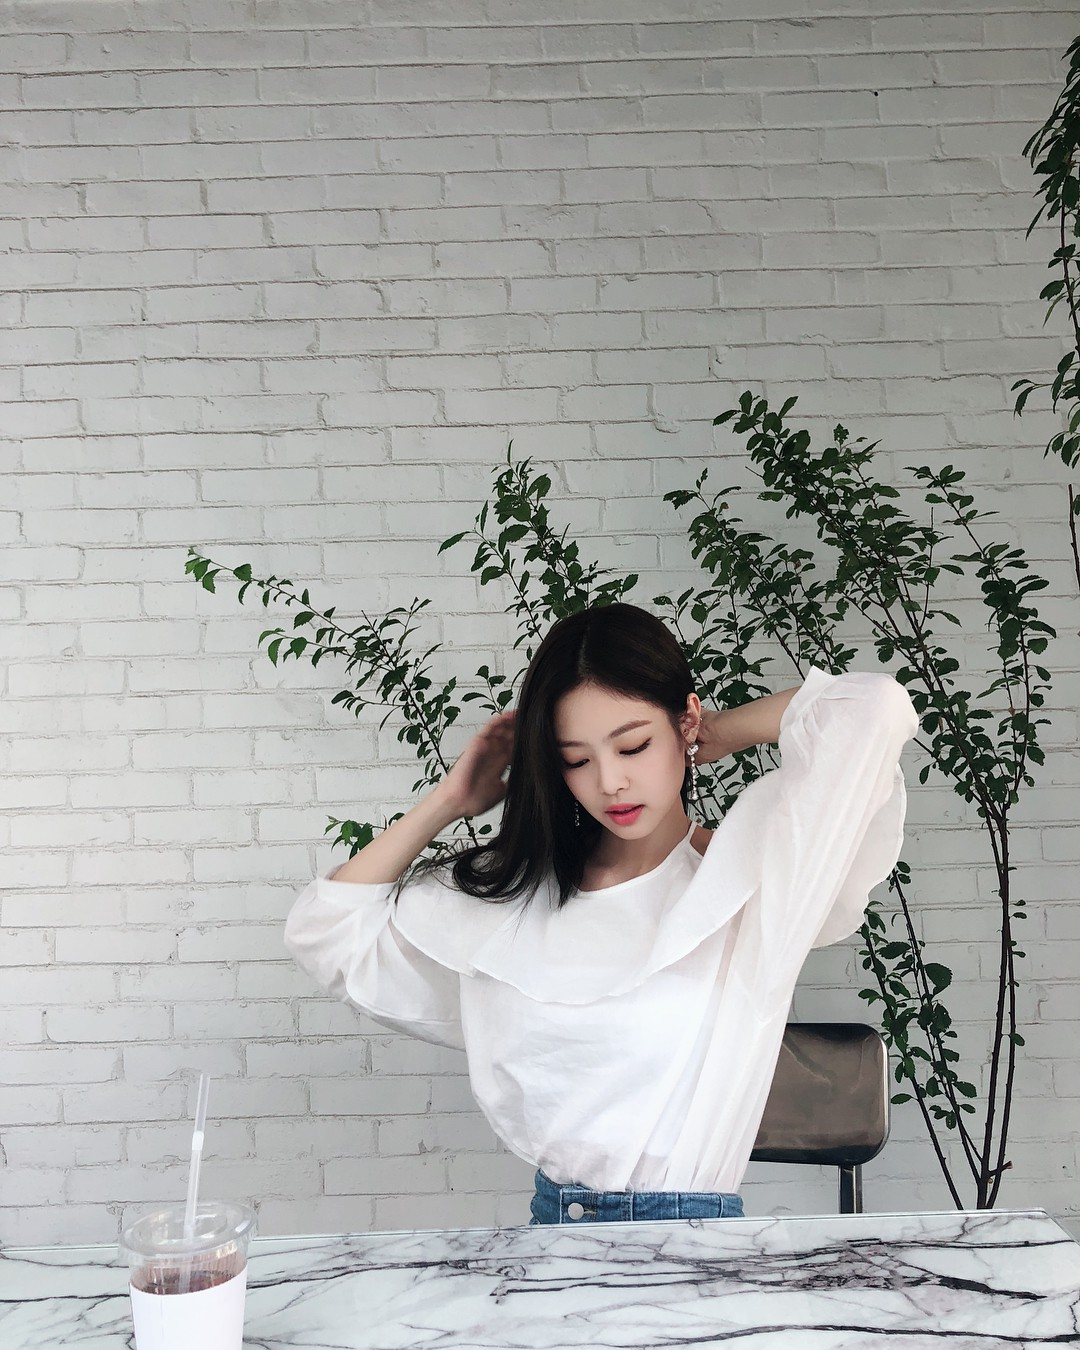 Instagram mới mở được 1 tuần, ảnh của Jennie (Black Pink) có gì hot mà toàn triệu view mỗi tấm? - Ảnh 10.